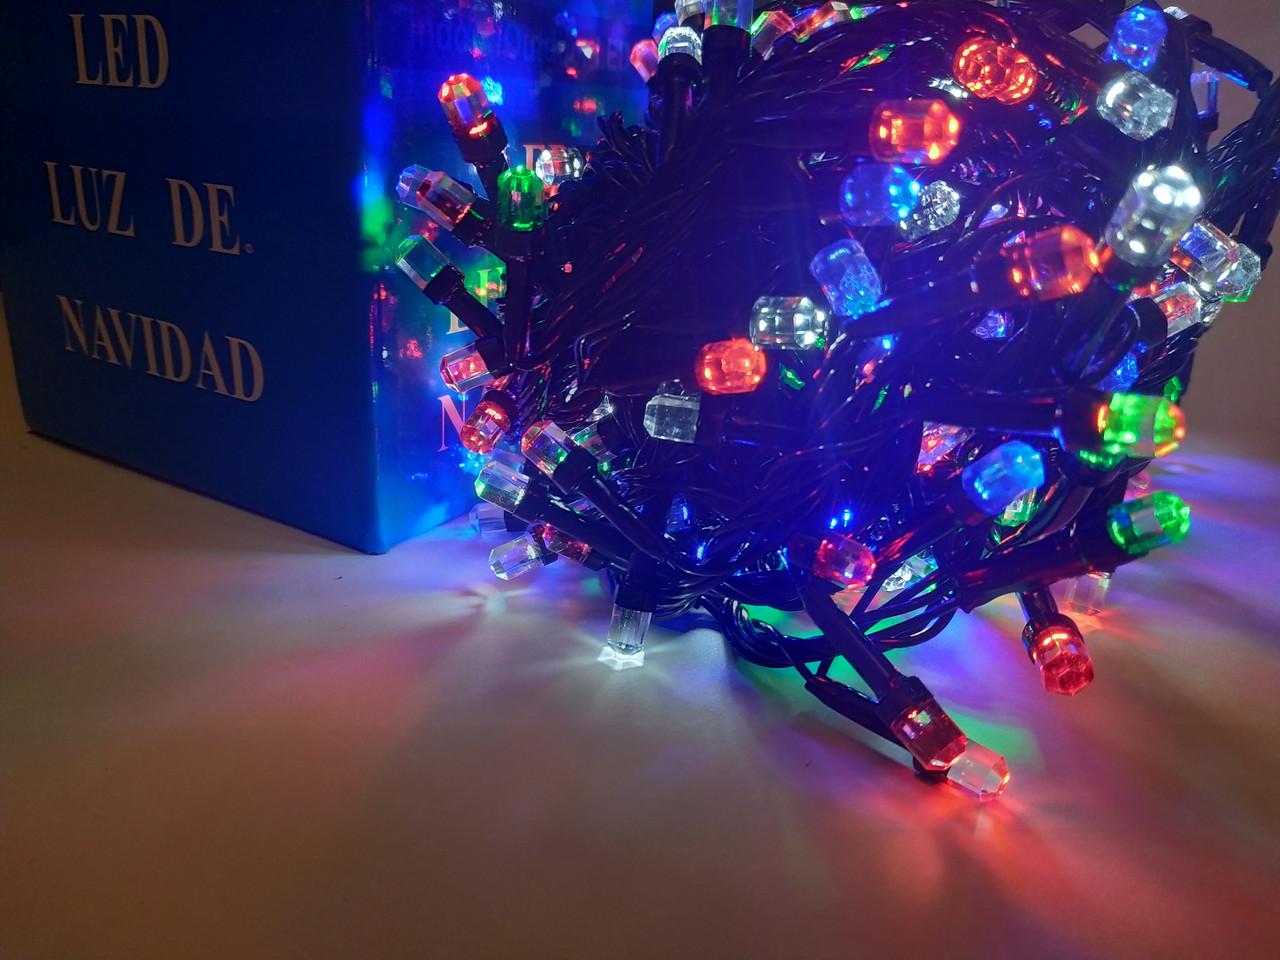 Гирлянда новогодняя Рубин(Точка, Кристалл) светодиодная LED 100 лампочек 8mm